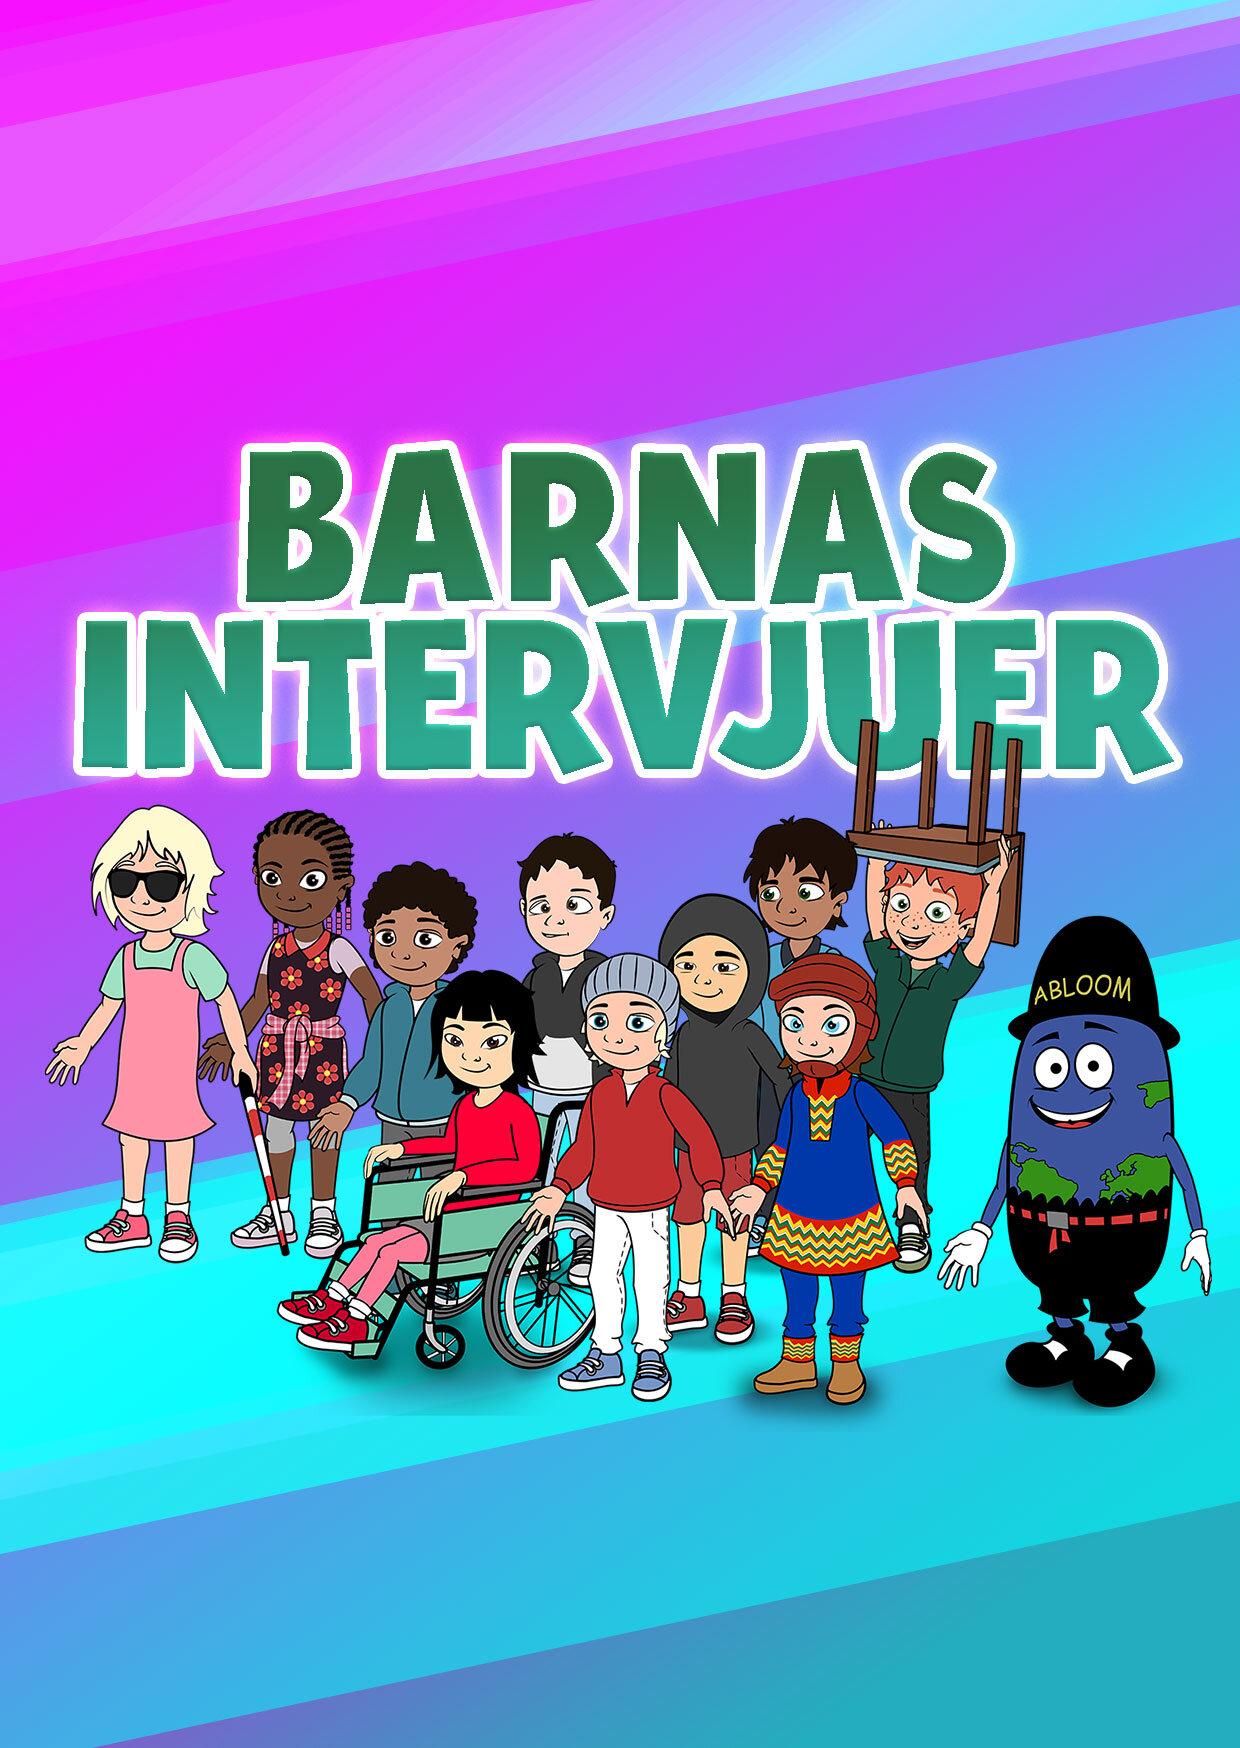 Barnas Intervjuer